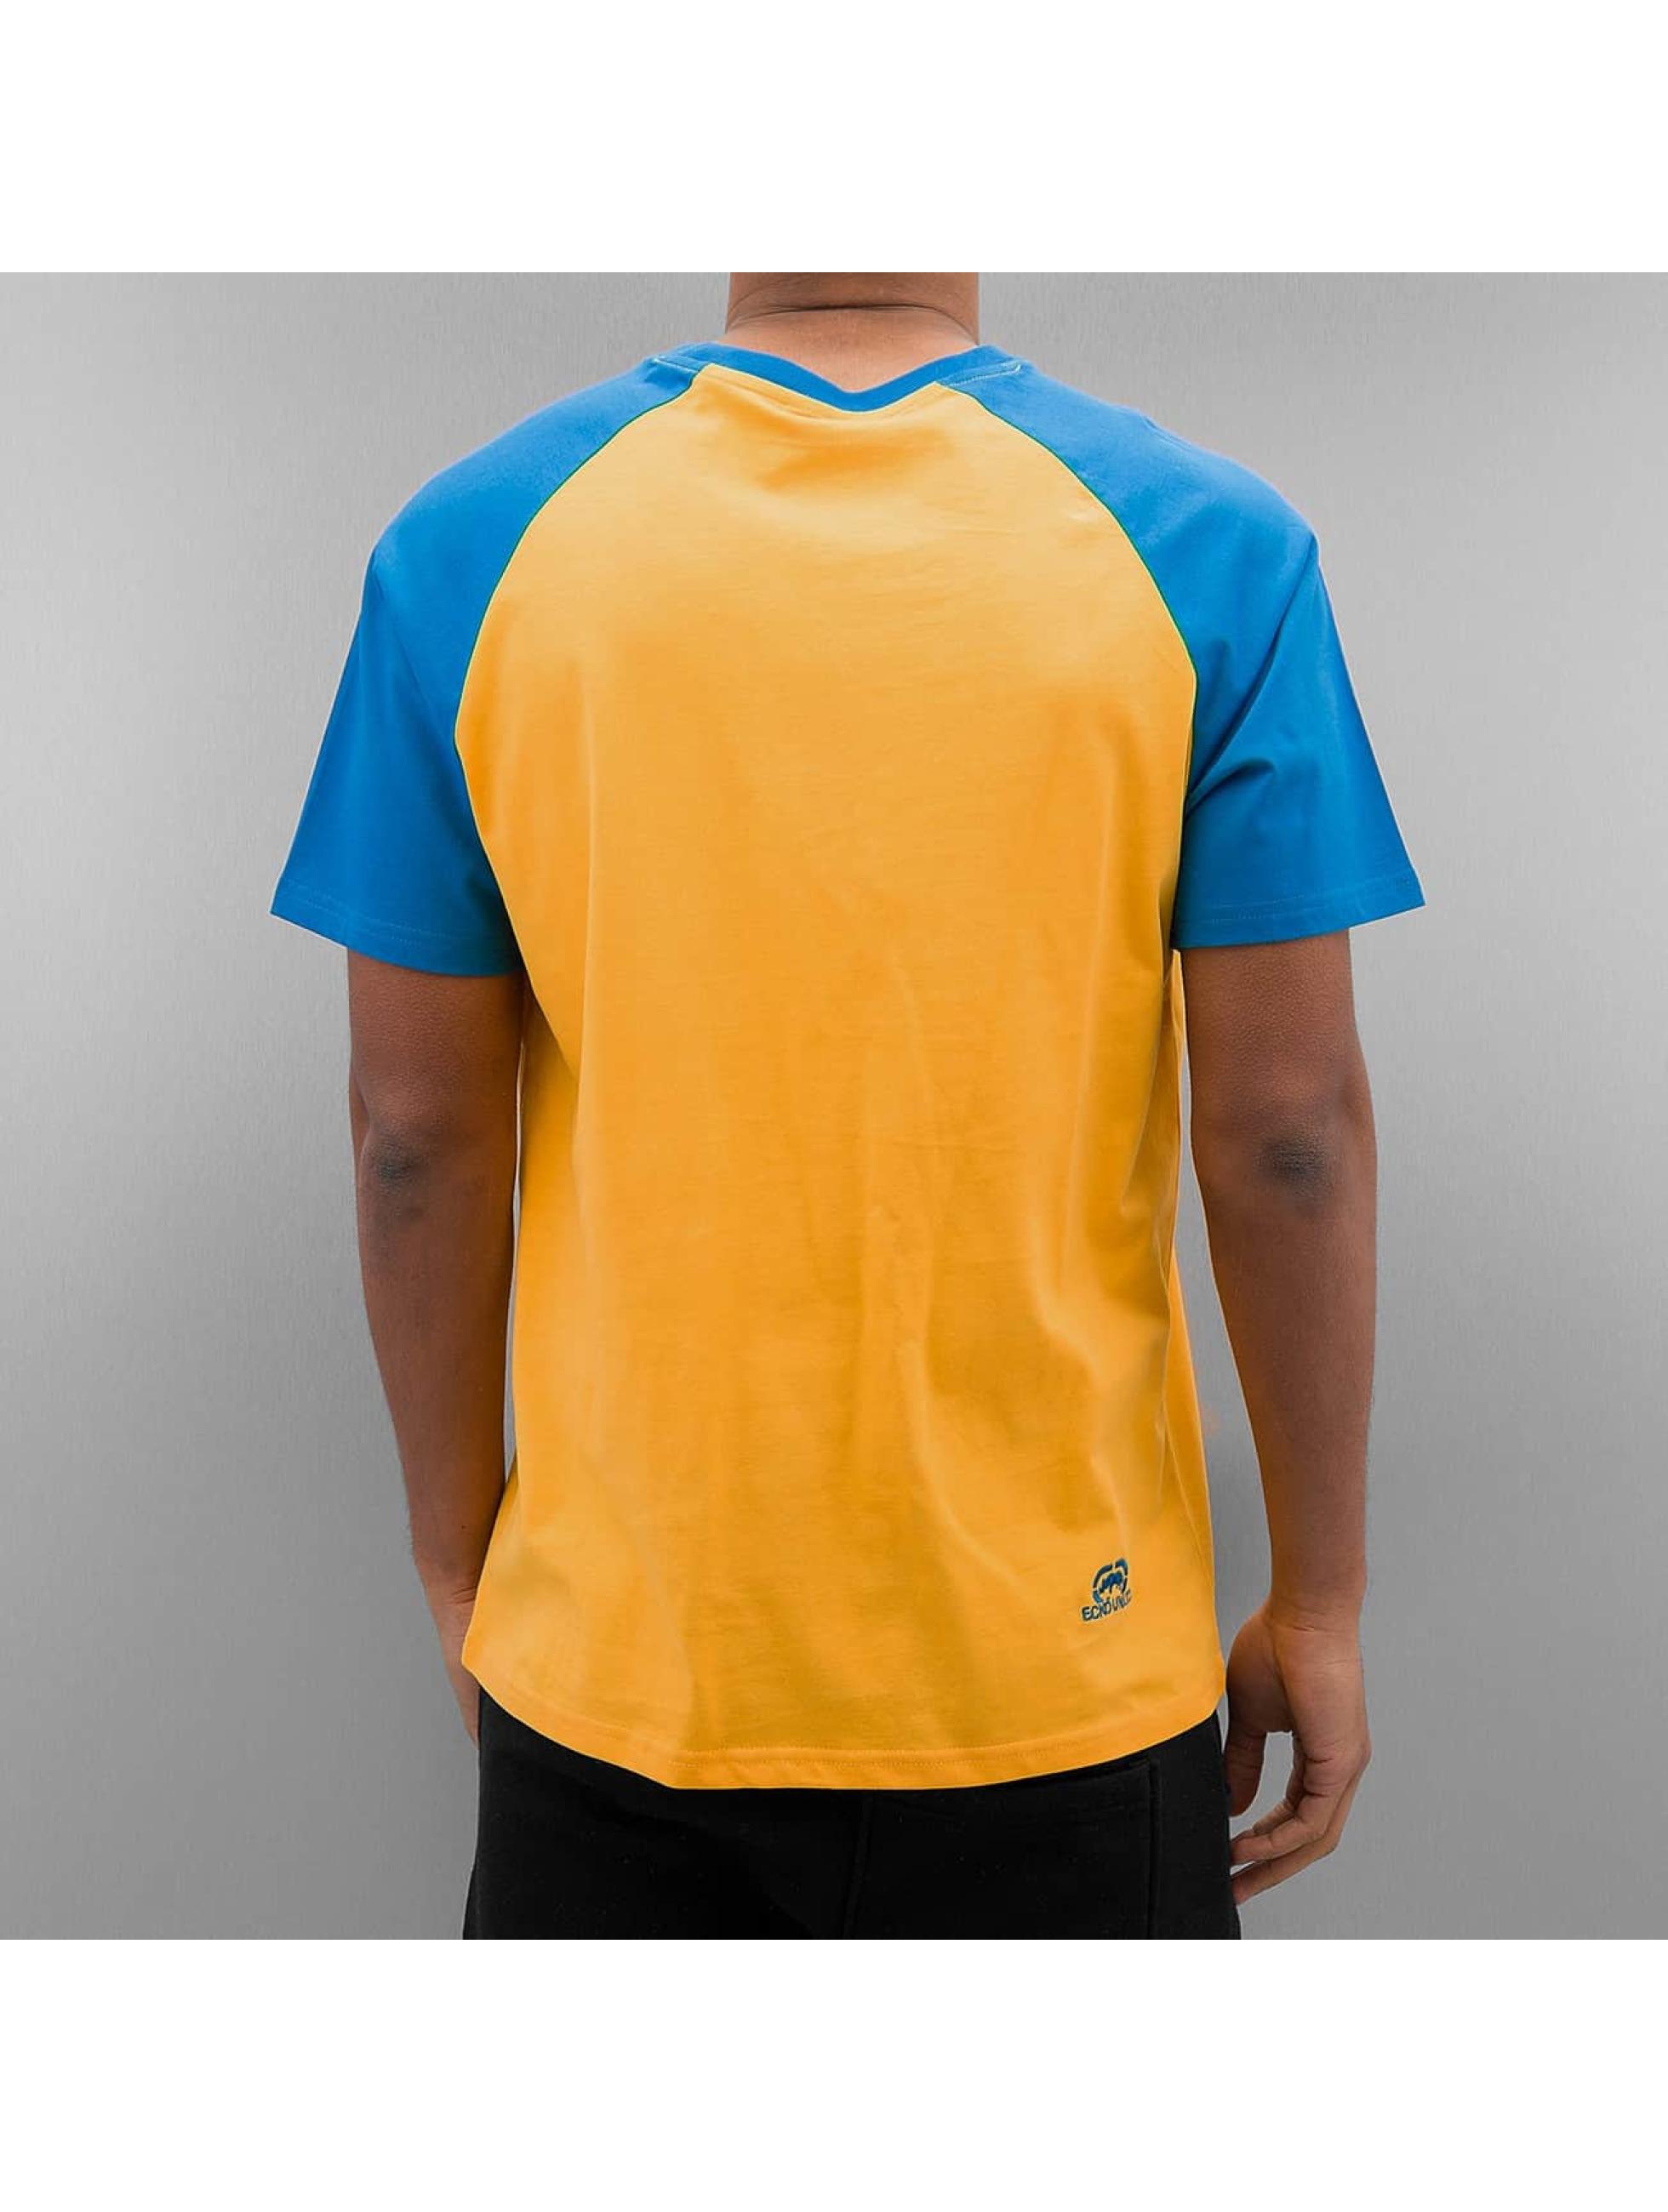 Ecko Unltd. T-shirt Cit gul